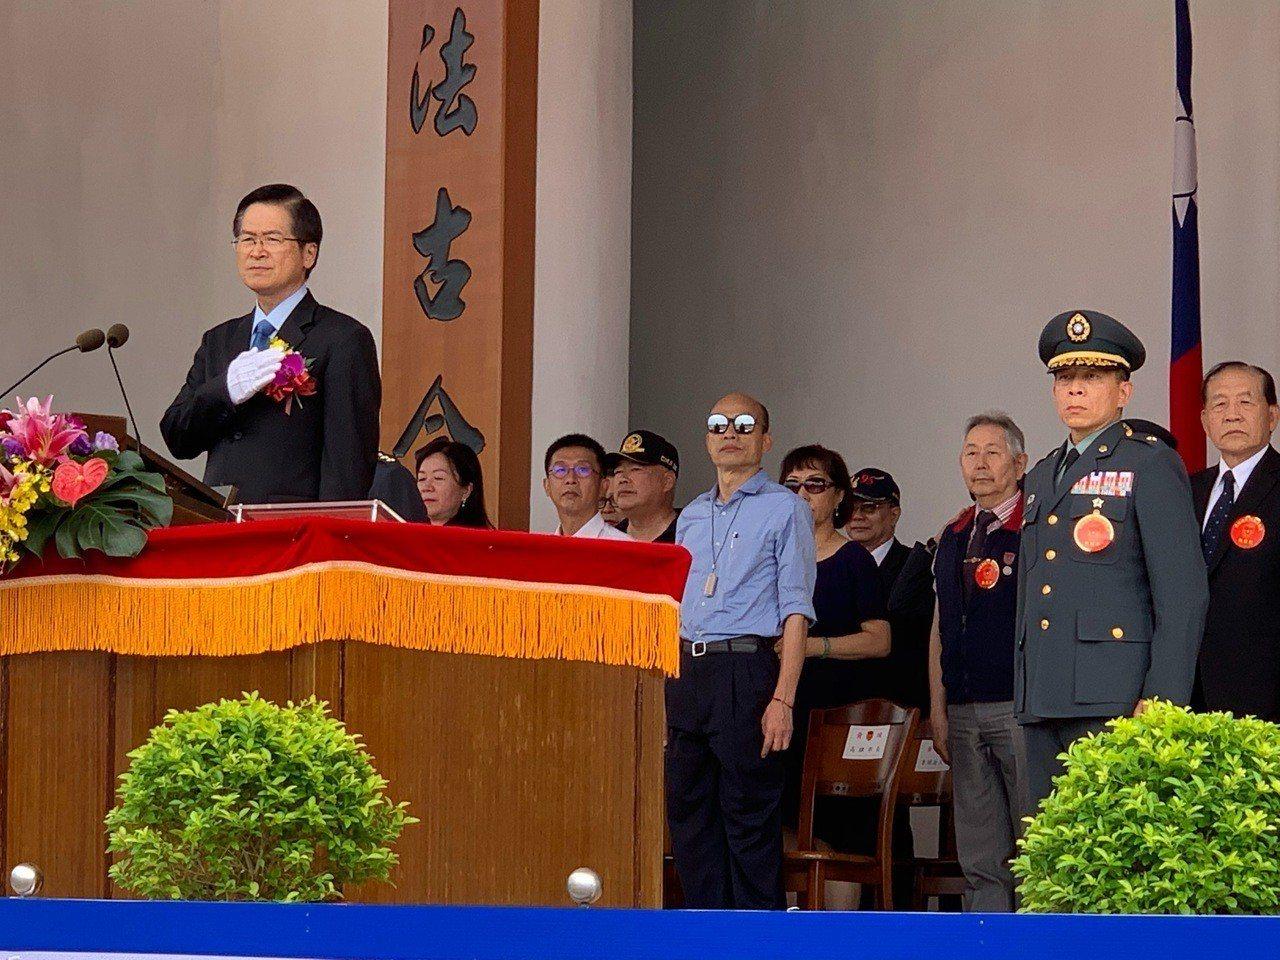 陸軍官校上午舉行95週年校慶典禮,由國防部長嚴德發主持,現場有盛大陸空分列式,具...